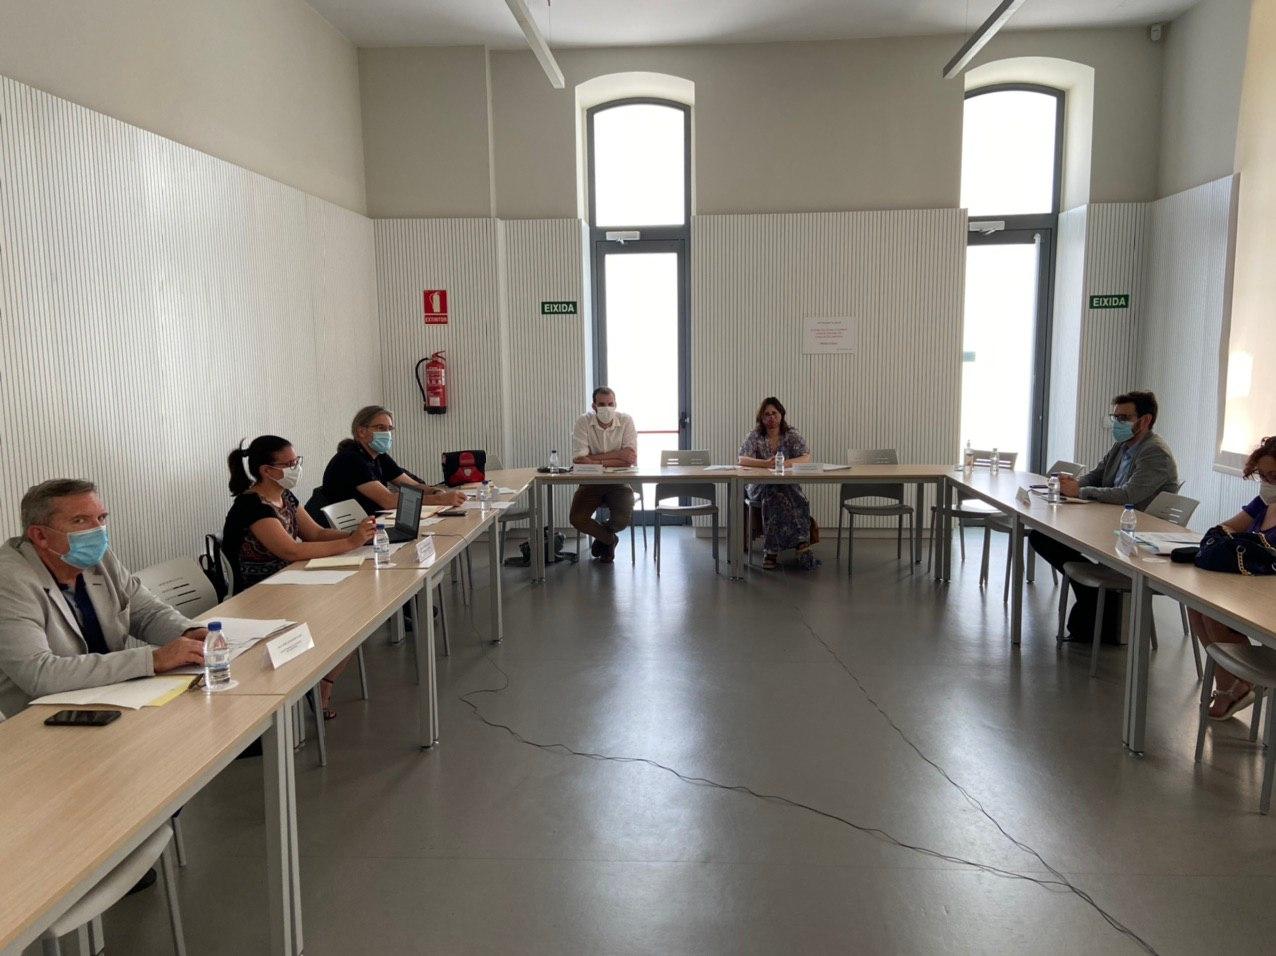 Pérez Garijo presideix el grup de treball de Transparència i Responsabilitat Social de la Mesa de Diàleg Social per a la reconstrucció